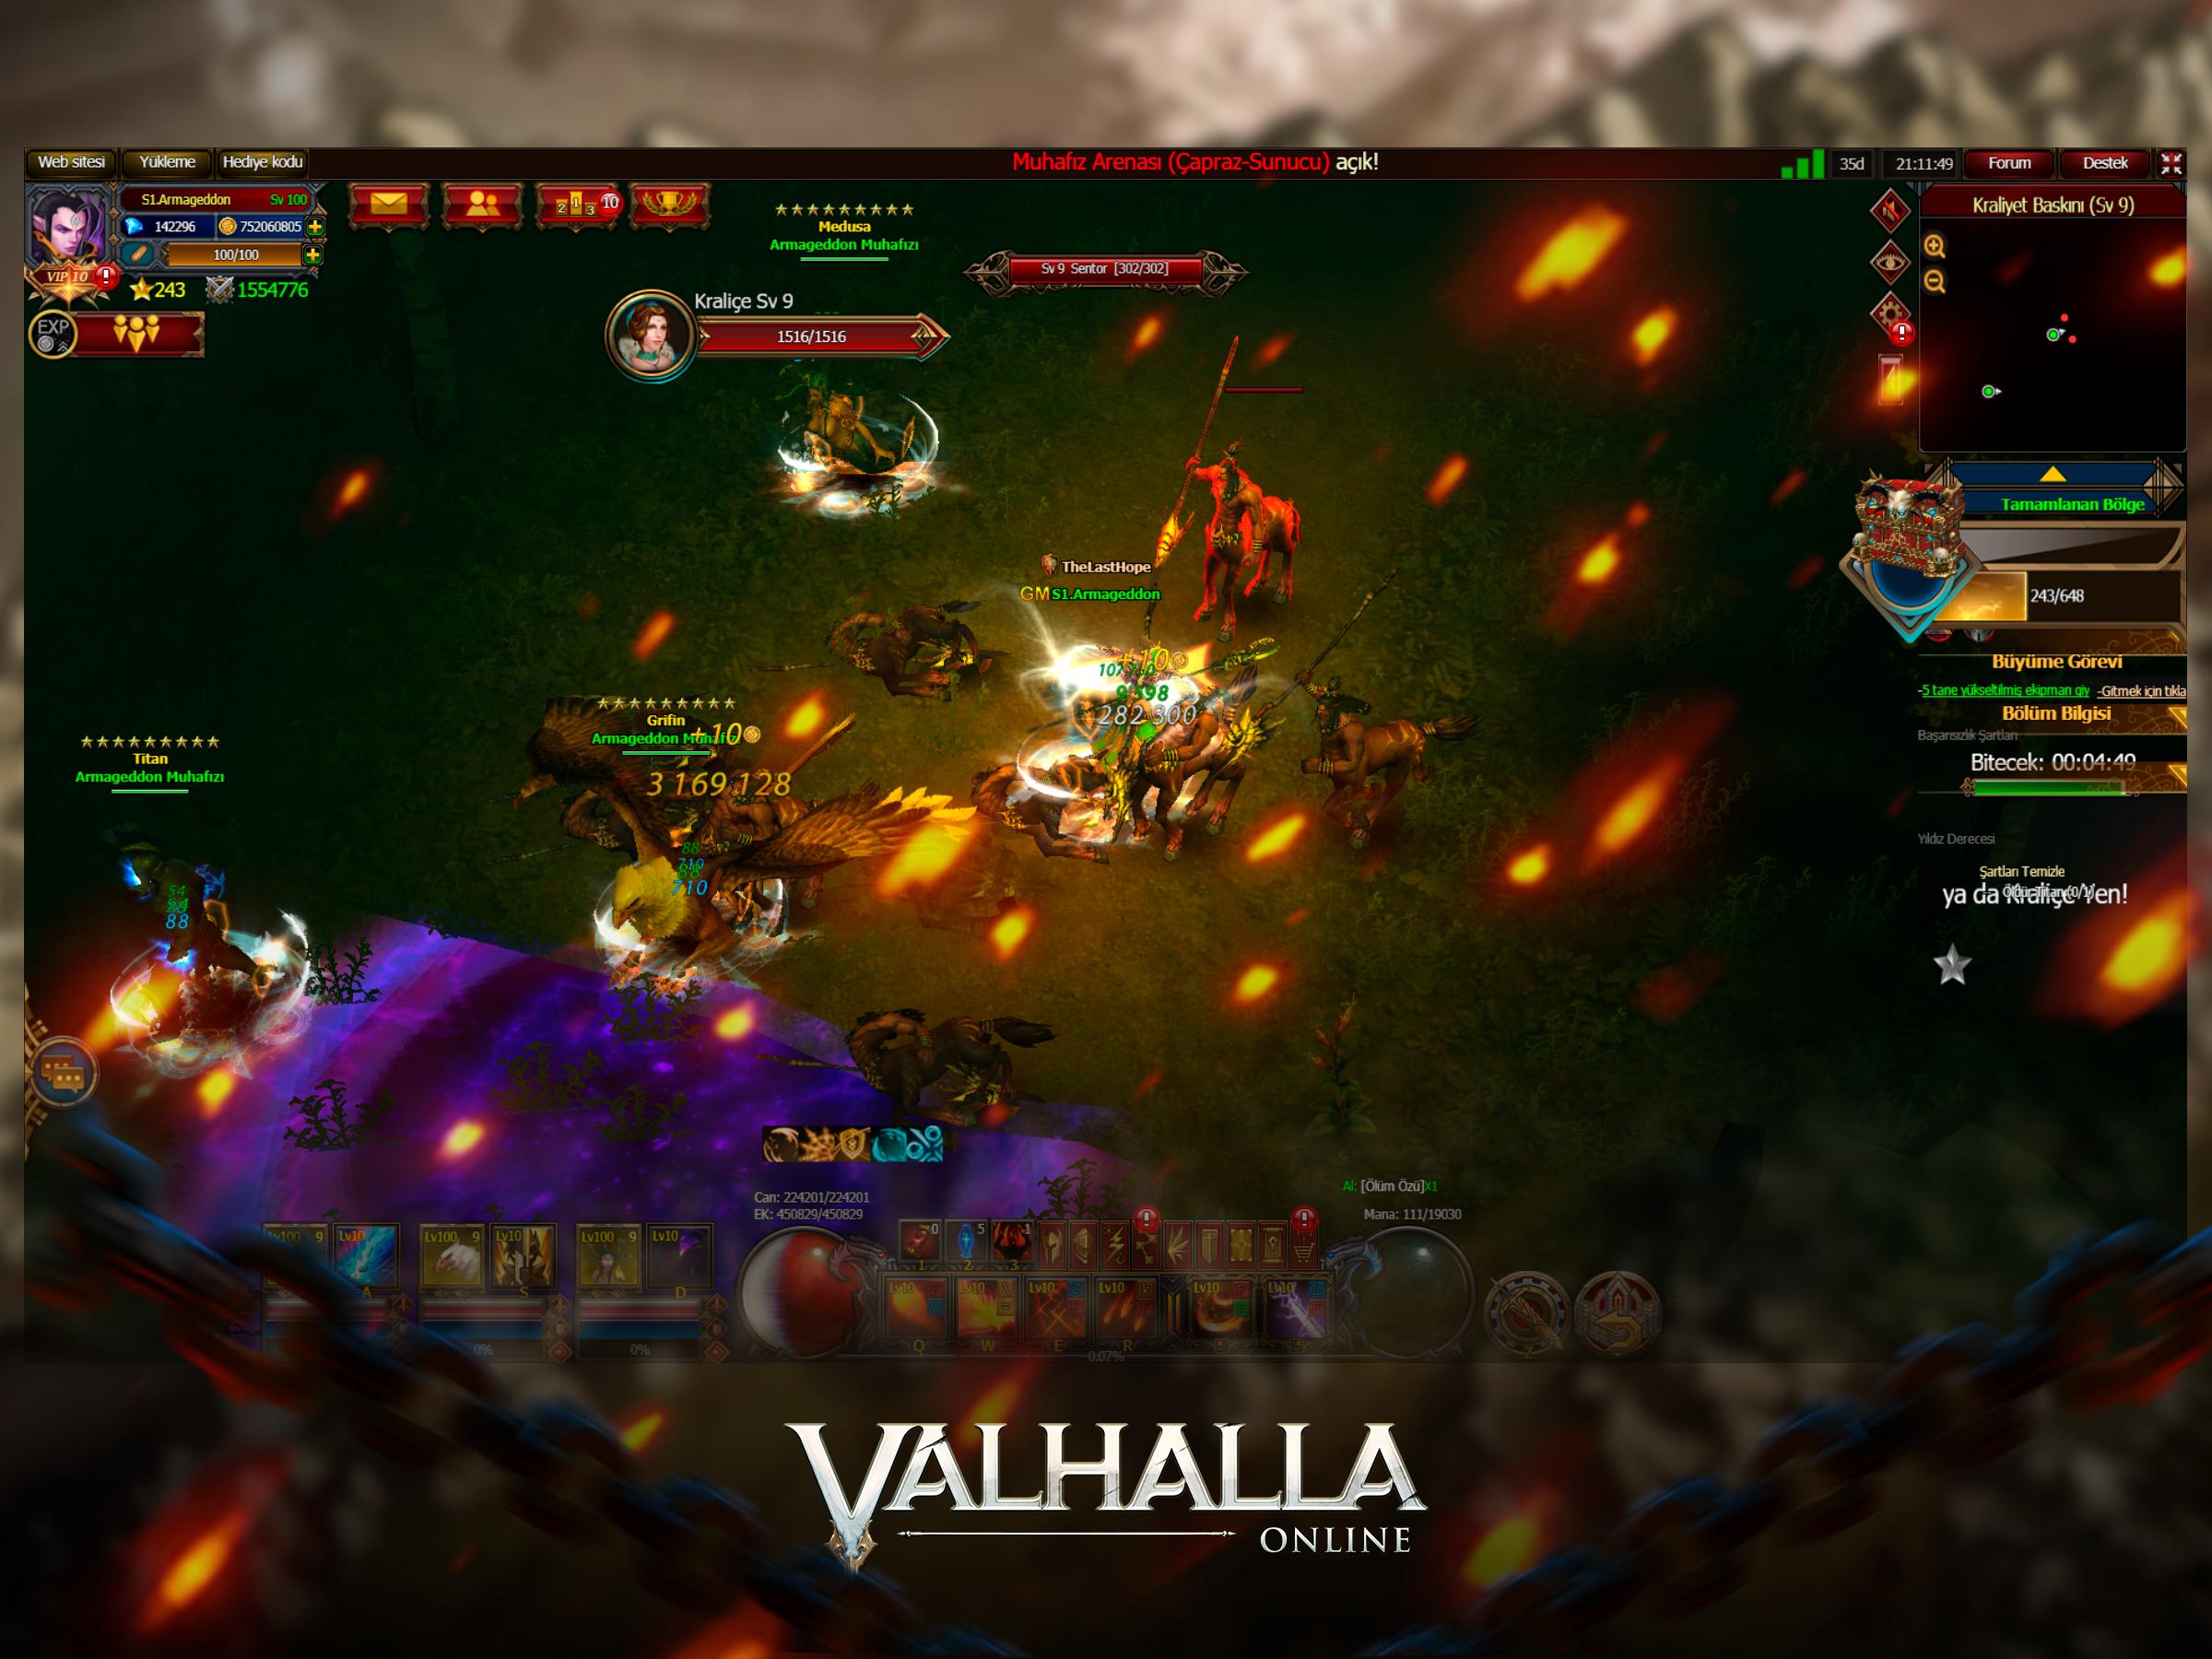 Valhalla Online Oyun Görüntüsü